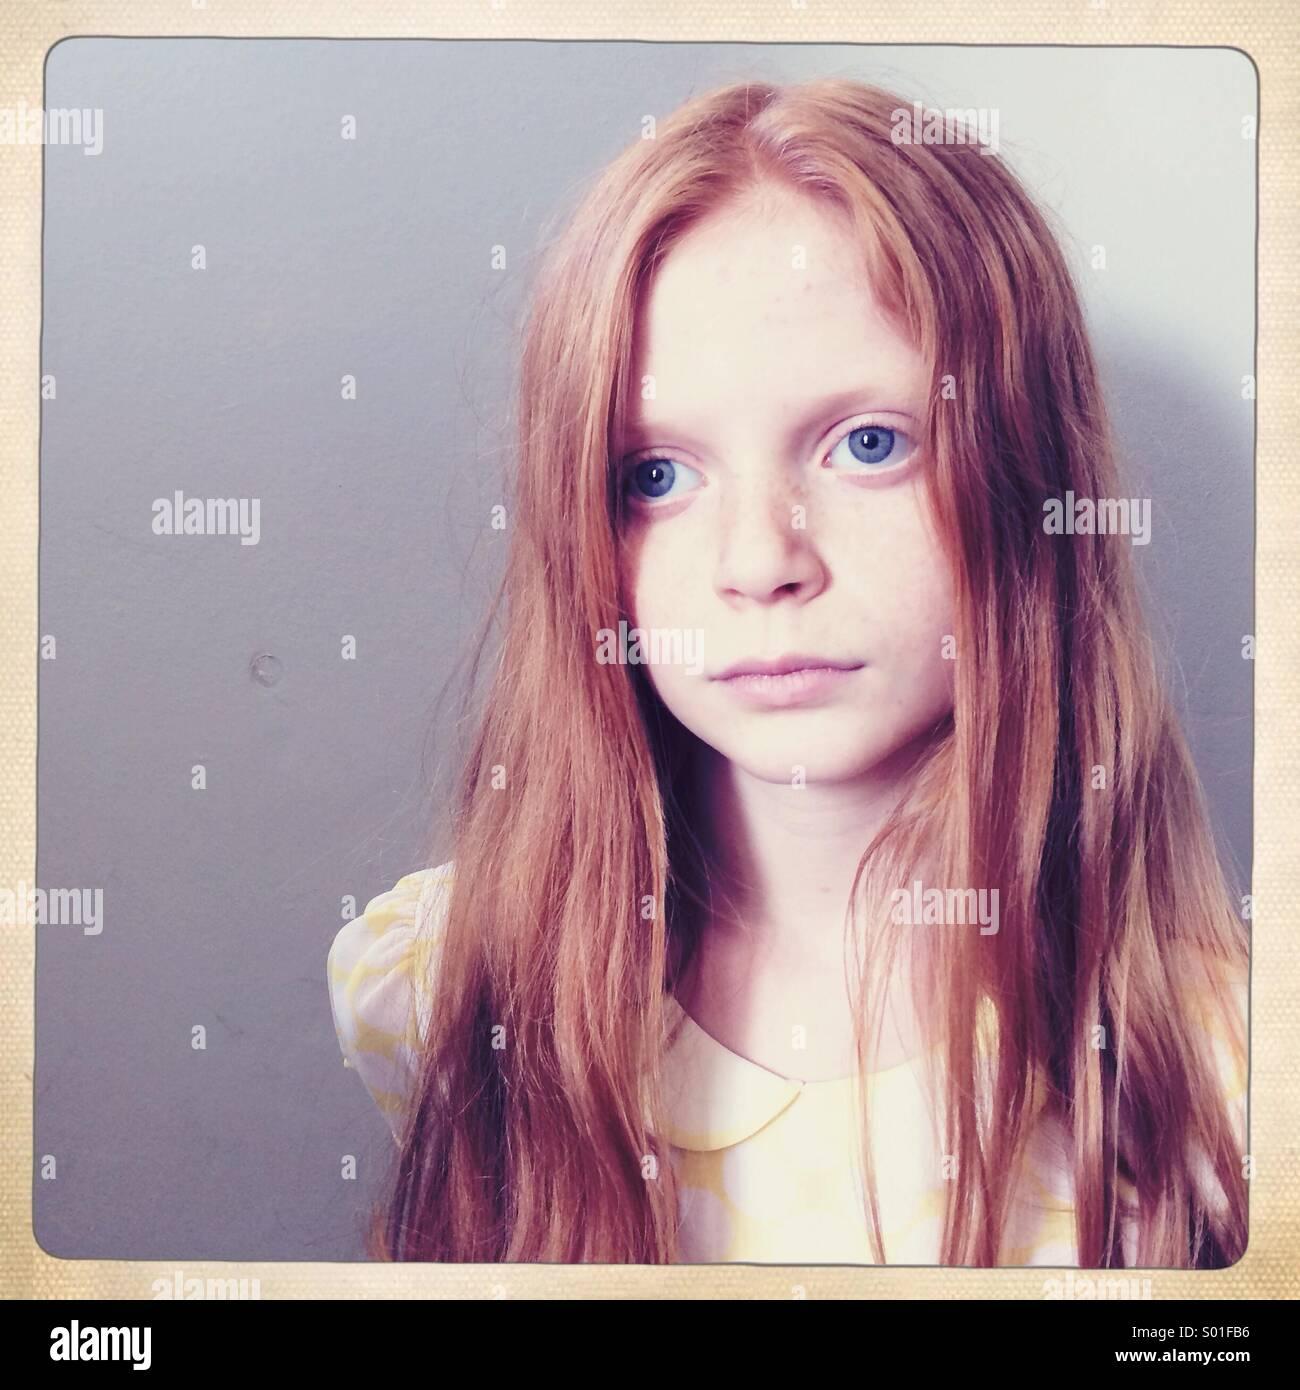 Dai Capelli rossi ragazza guarda blankly al di fuori della fotocamera con un semplice sfondo grigio Immagini Stock